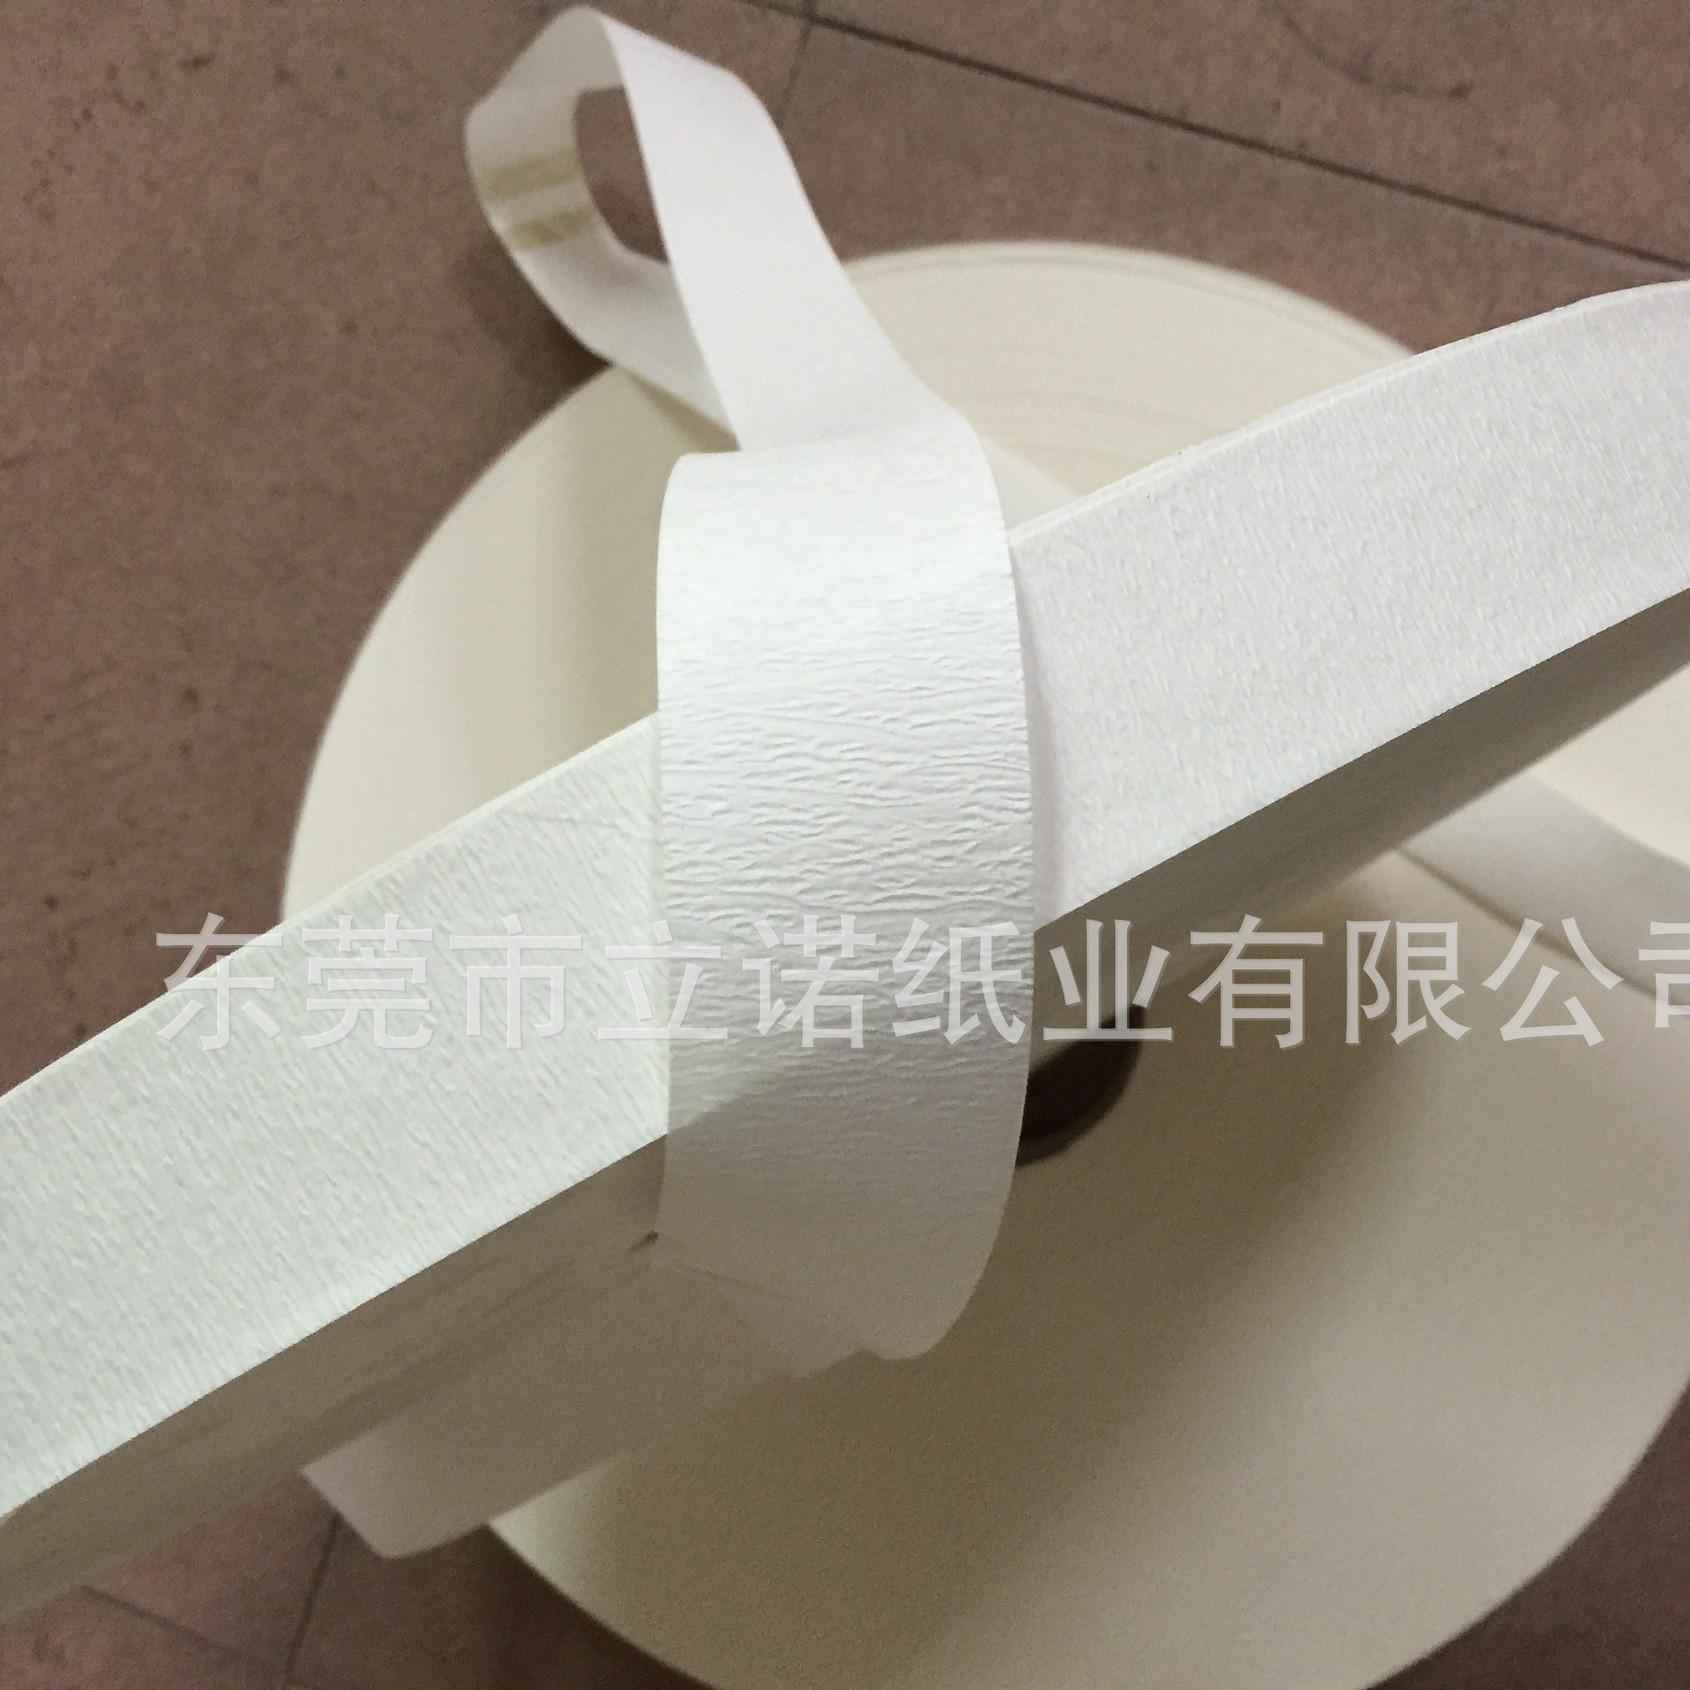 白色皱纹纸、白色褶皱纸、白色皱纹包装纸